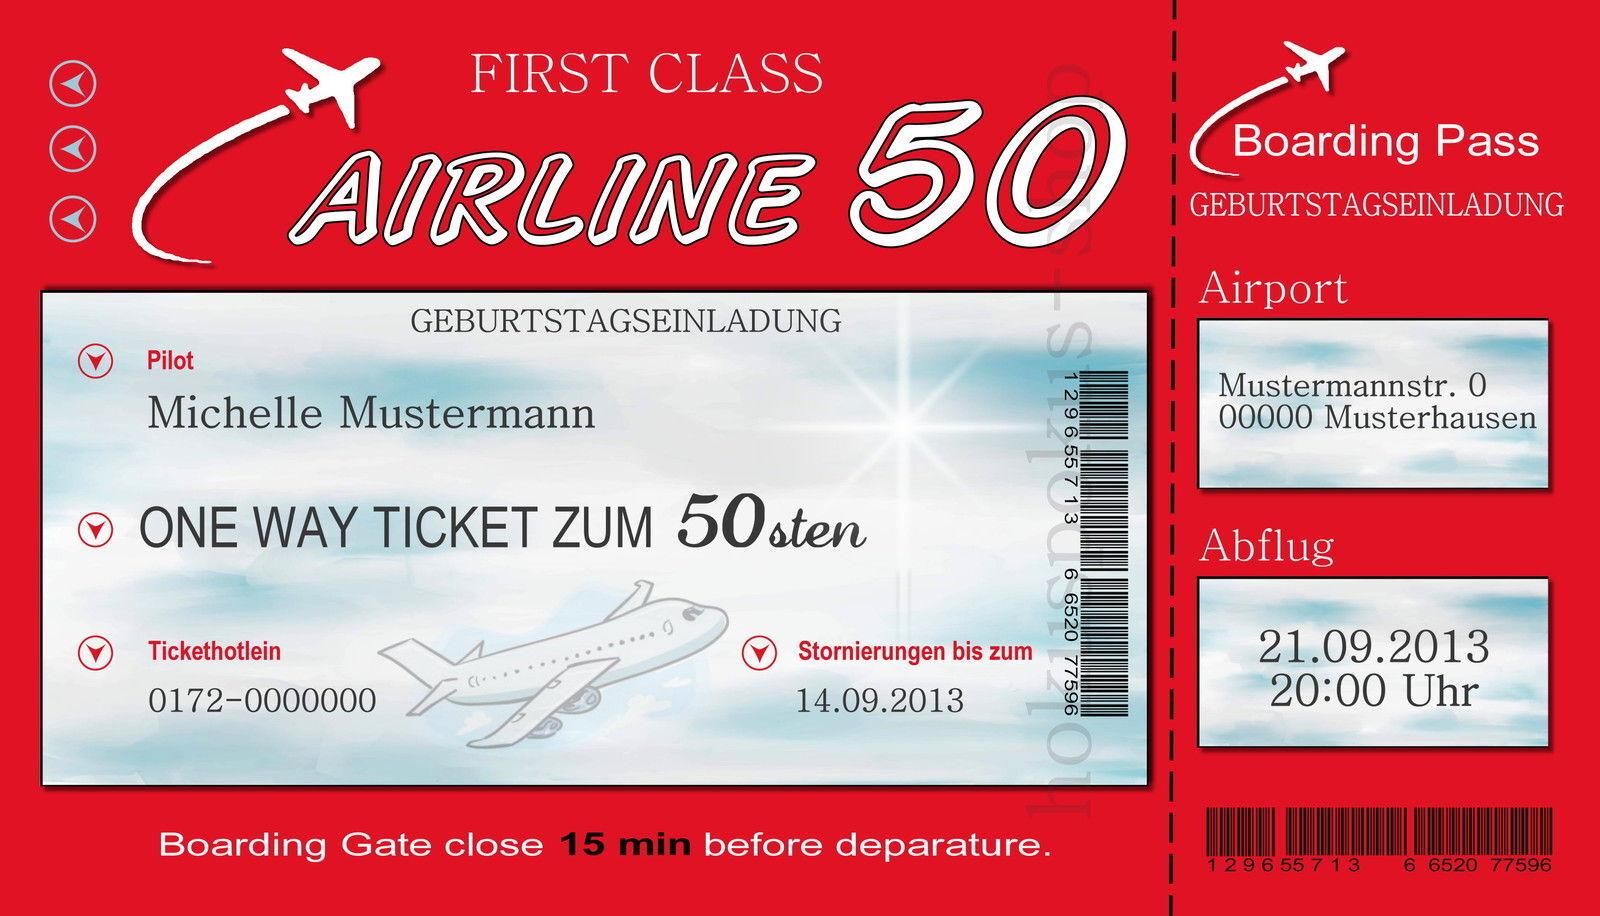 50 rigolos invitation cartes anniversaire Invitations billet d'avion Fête Chaque age